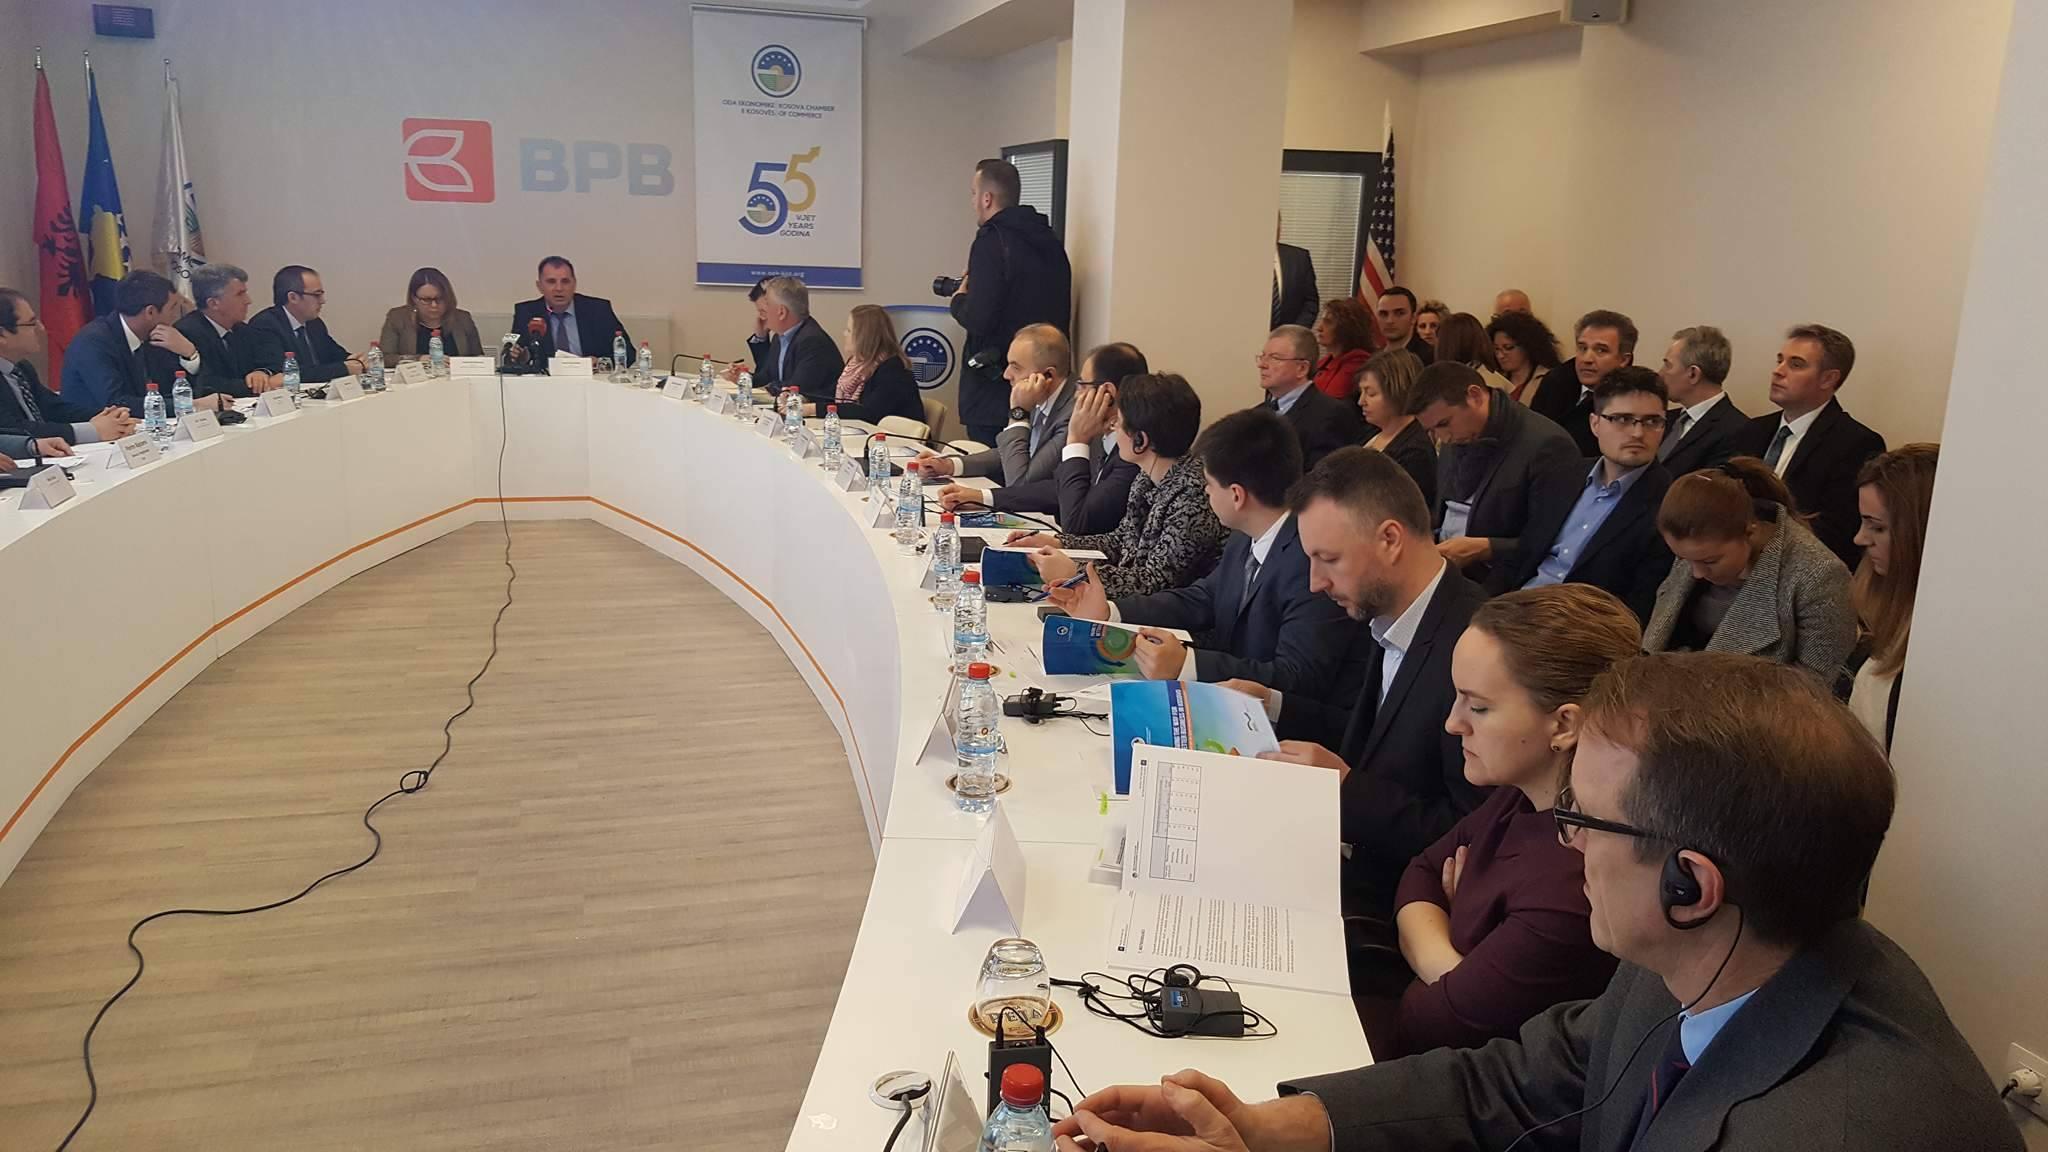 Lobi Euro-Atlantik Shqiptar dhe Oda Ekonomike e Kosovës së shpejti me marrëveshje bashkëpunimi